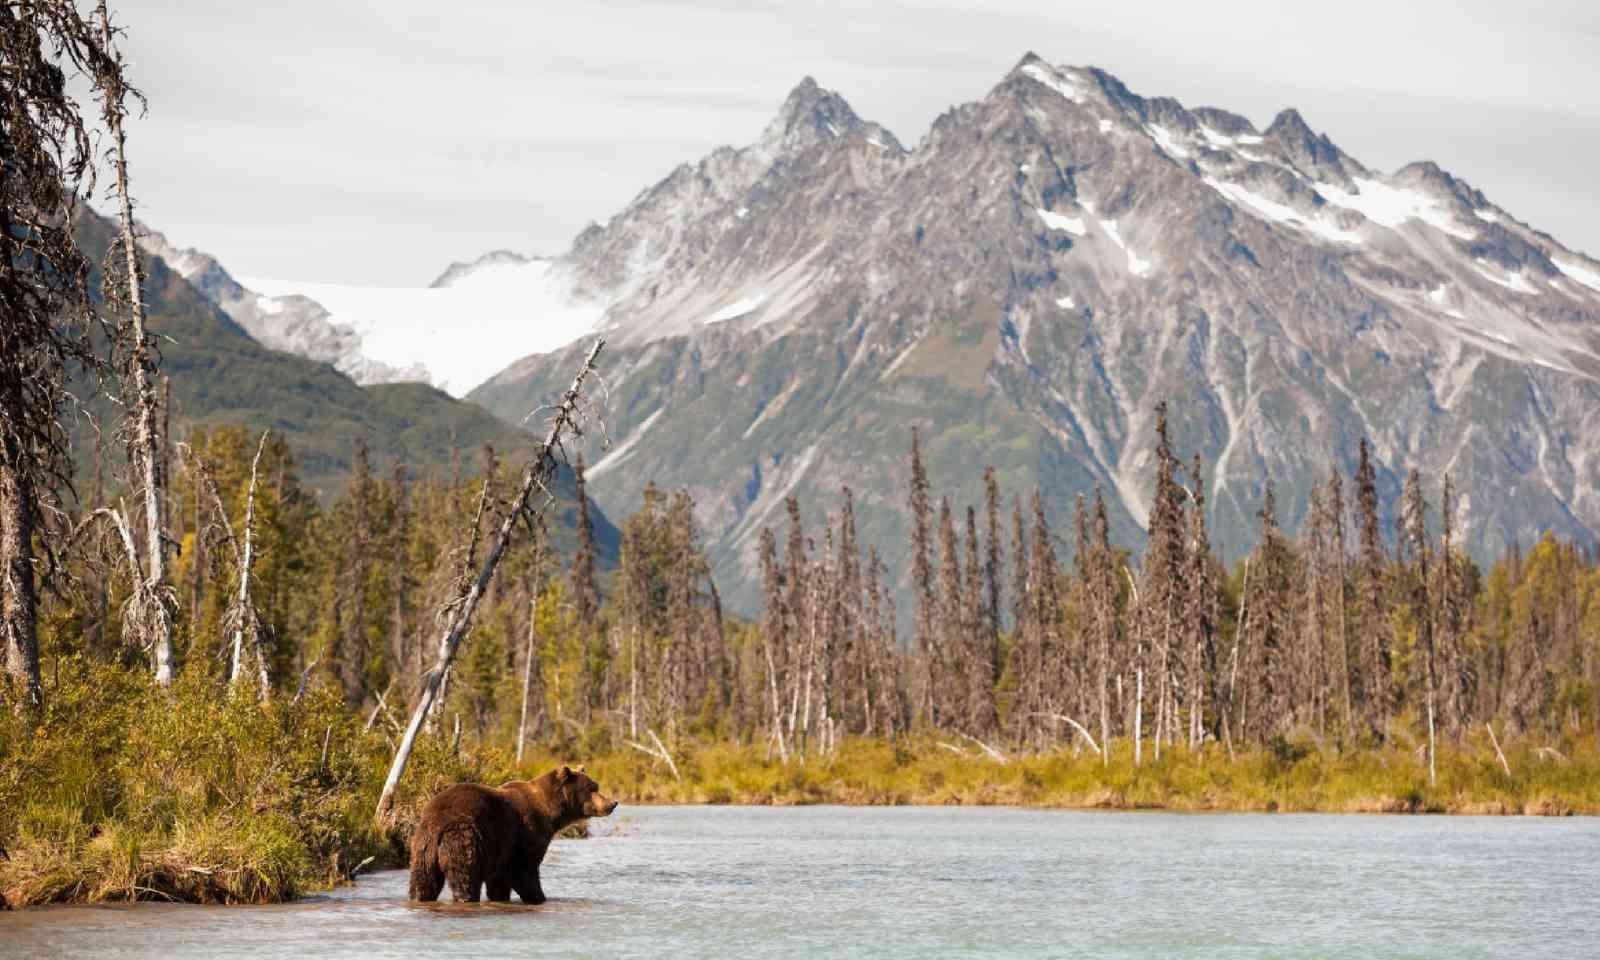 Brown bear, Alaska (Shutterstock)